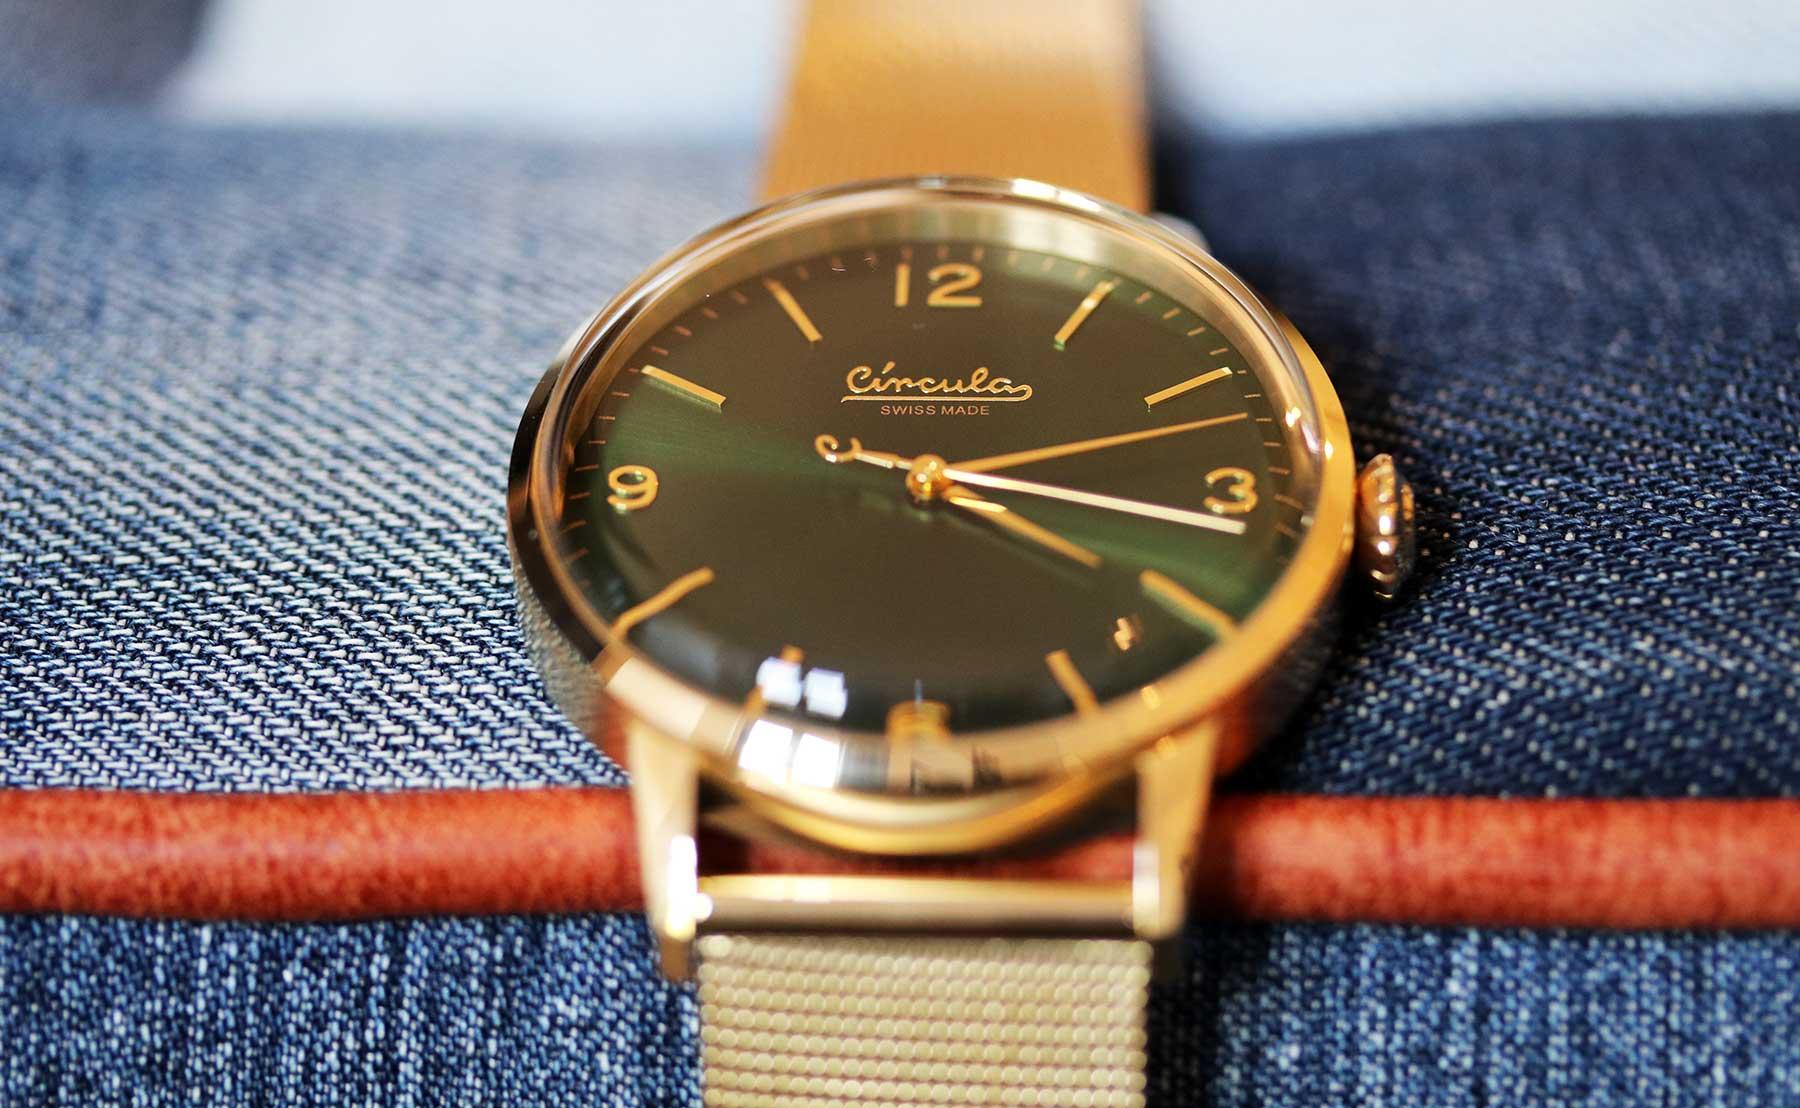 Rund. Praktisch. Gut: Circula Watches Circula-Watches_04